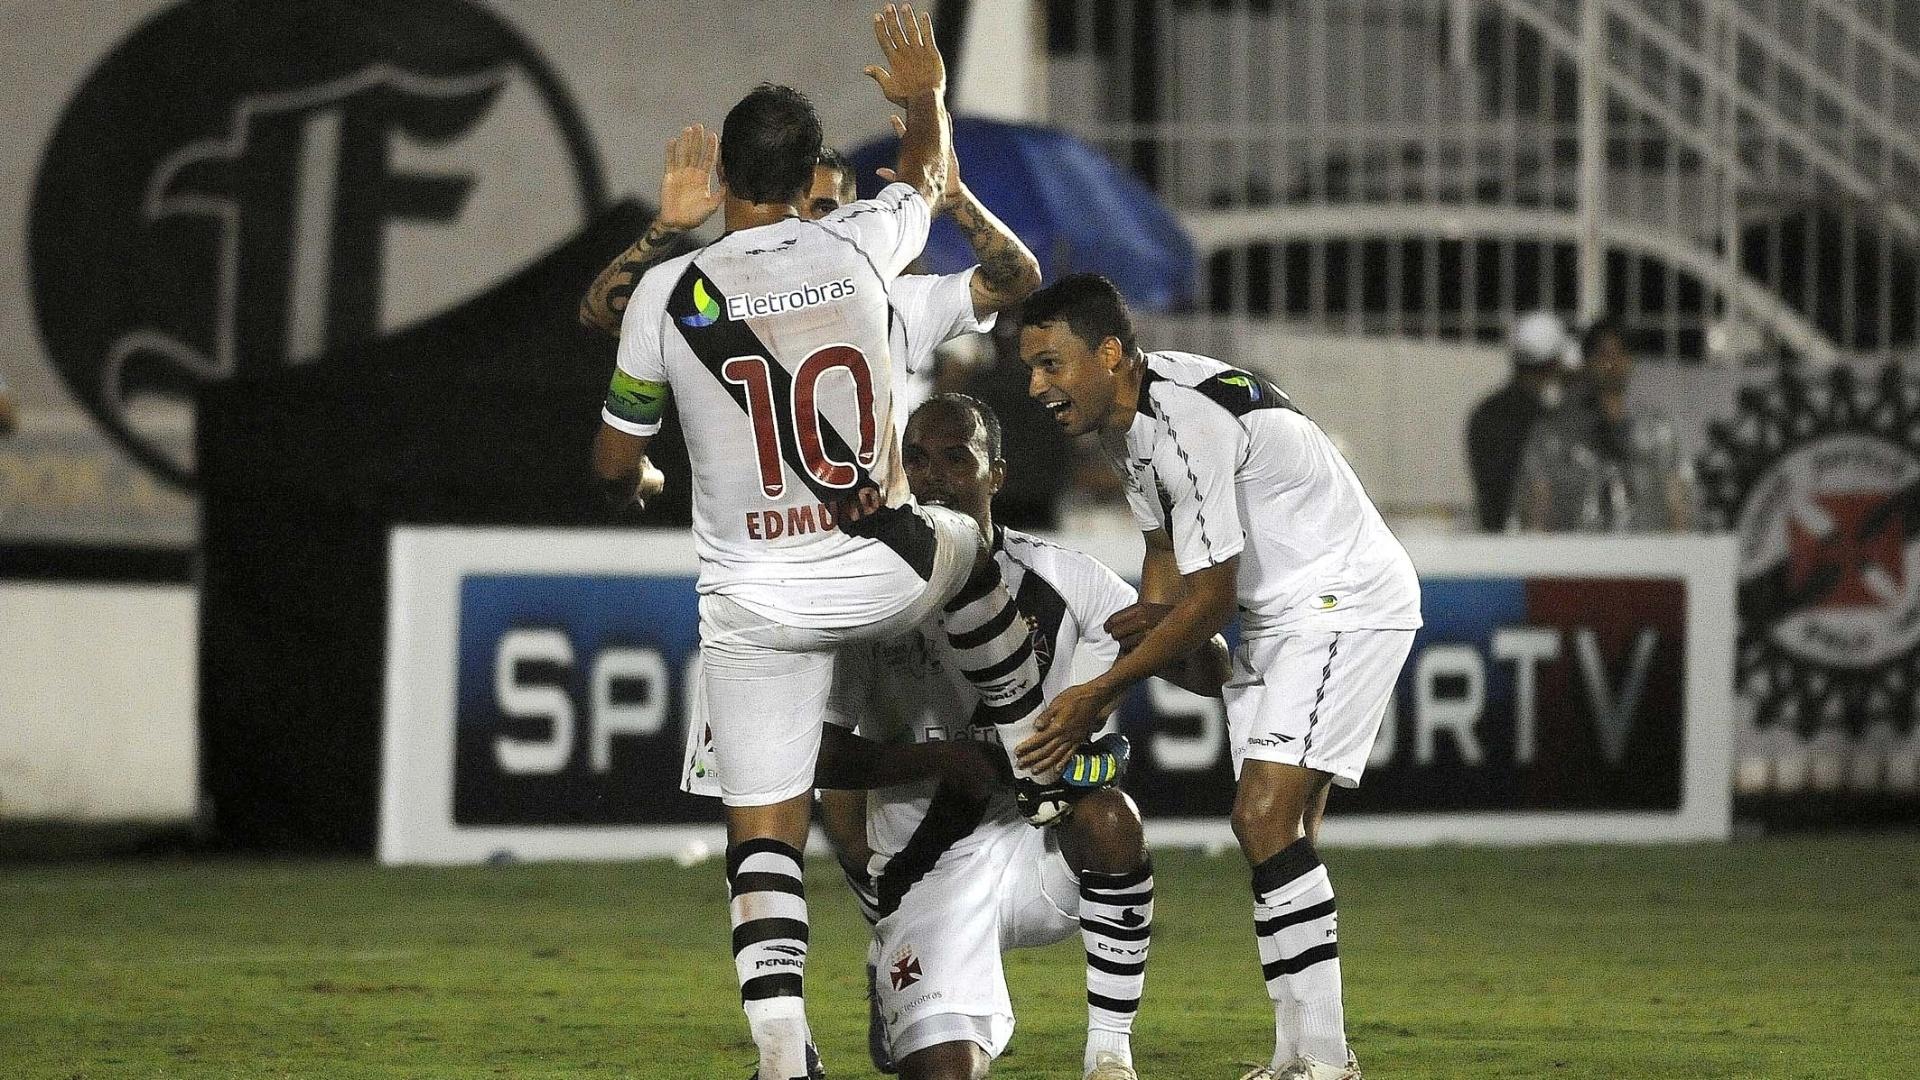 Jogadores do Vasco engraxam a chuteira de Edmundo na partida de despedida do atacante com a camisa do clube carioca